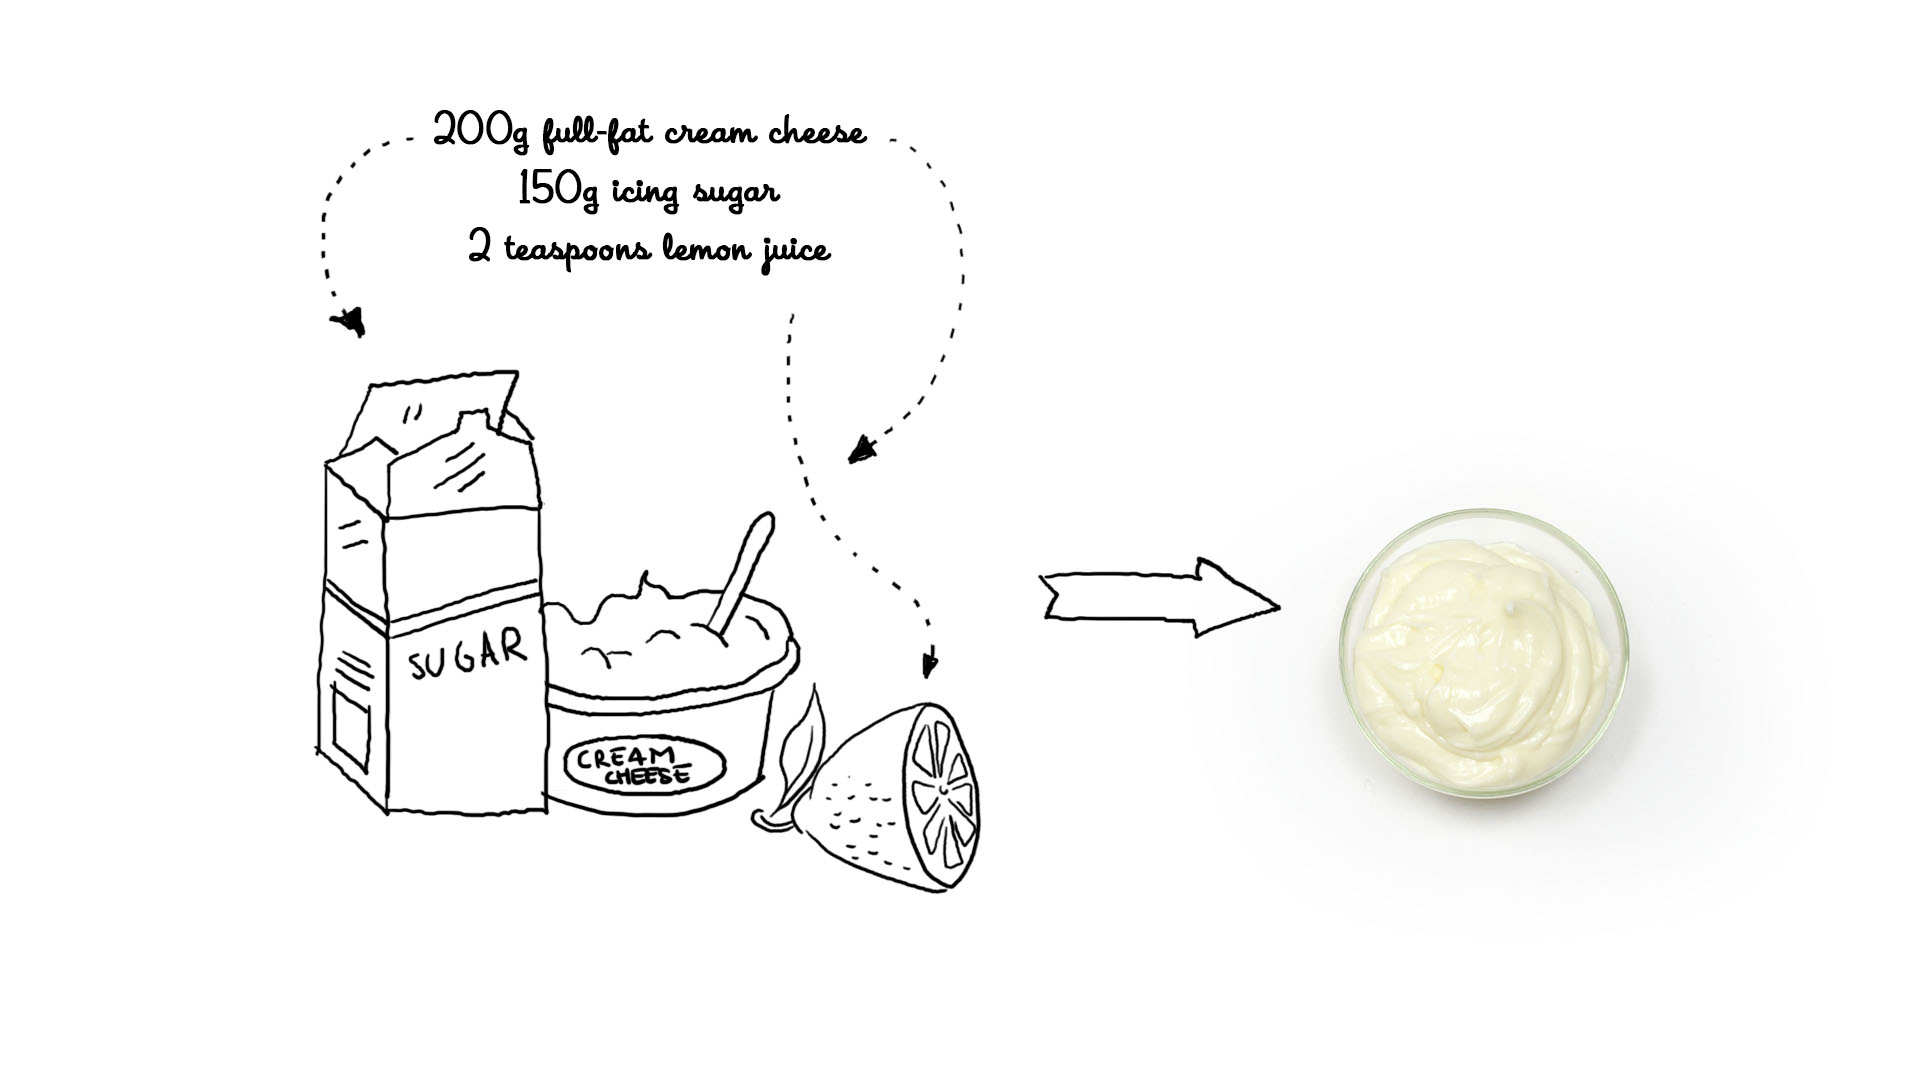 Worteltaart recept stap 4: terwijl de cake in de oven staat meng je de roomkaas, suiker en het citroensap voor de afwerking.